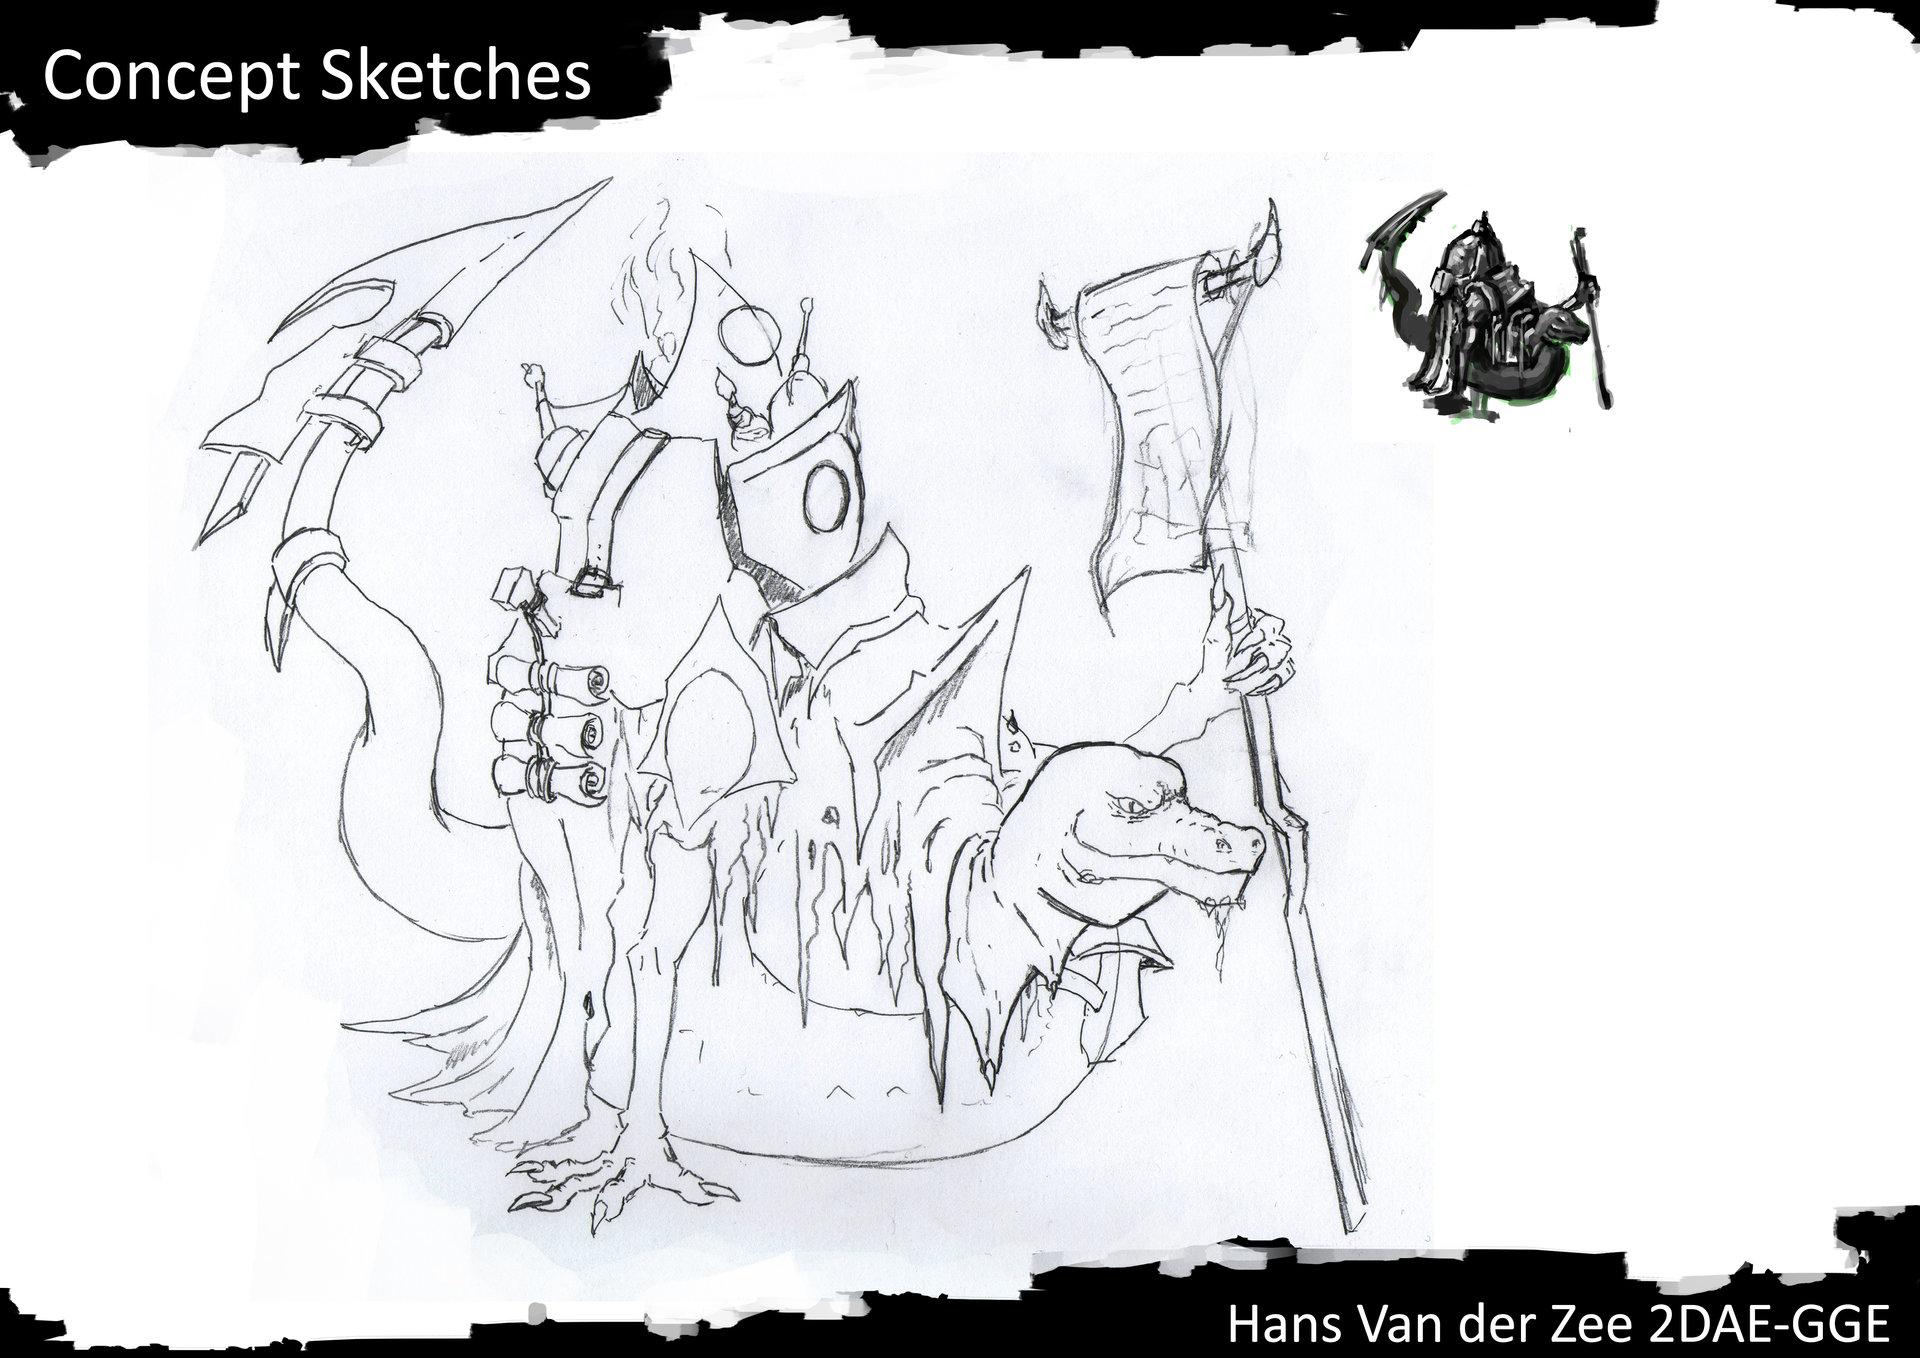 Hans van der zee 2dae van der zee hans exam concept sketches p3